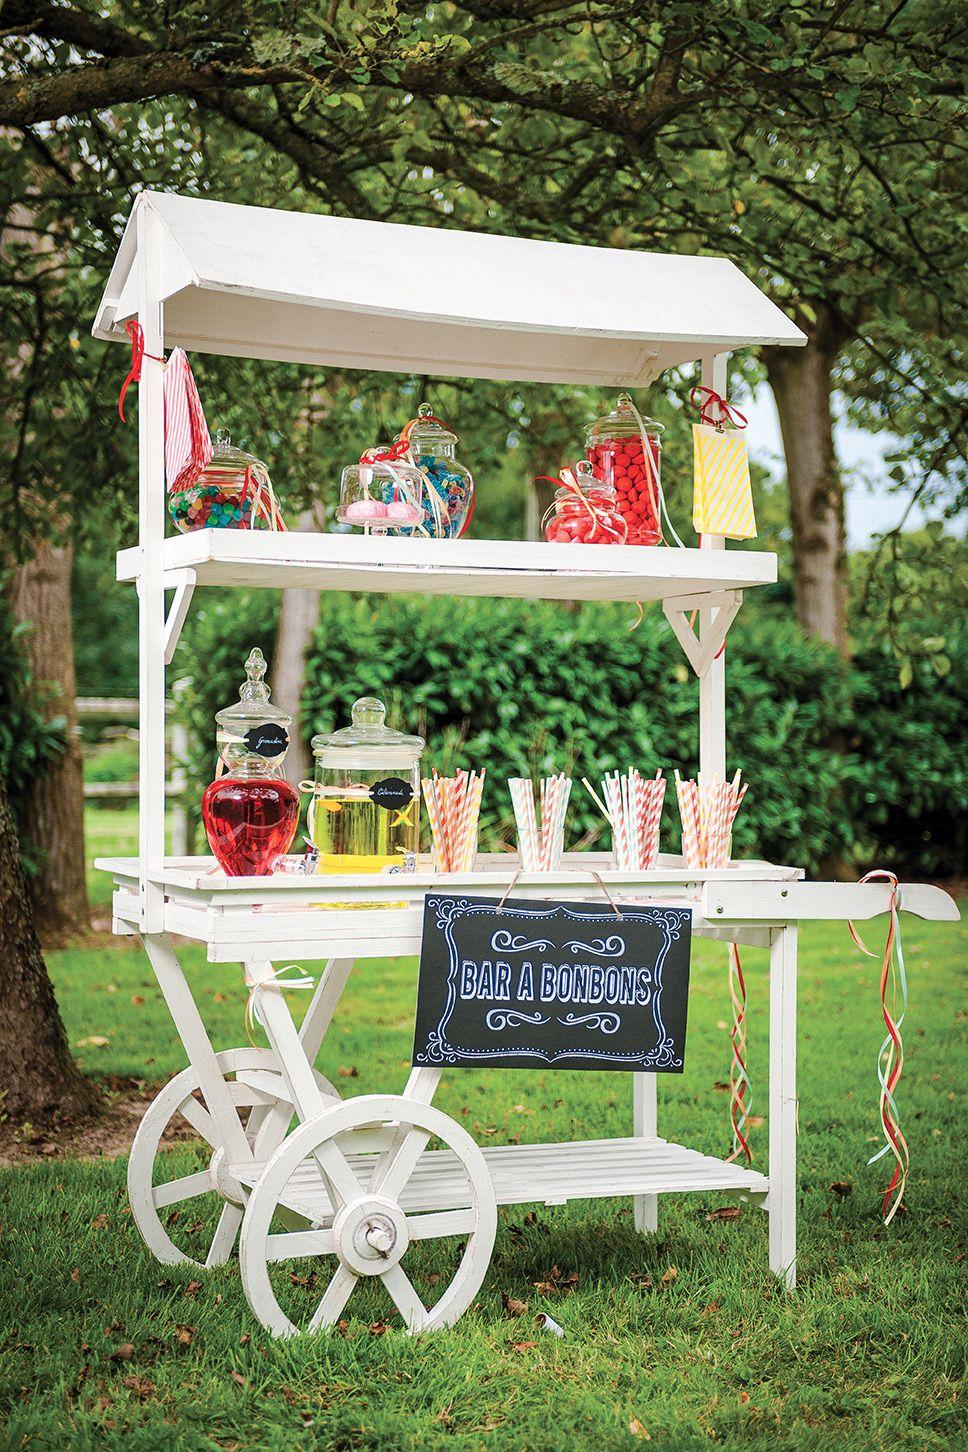 Idée De Bar À Bonbons Dans Un Jardin ! Utilisez Une Vielle ... dedans Charette Jardin